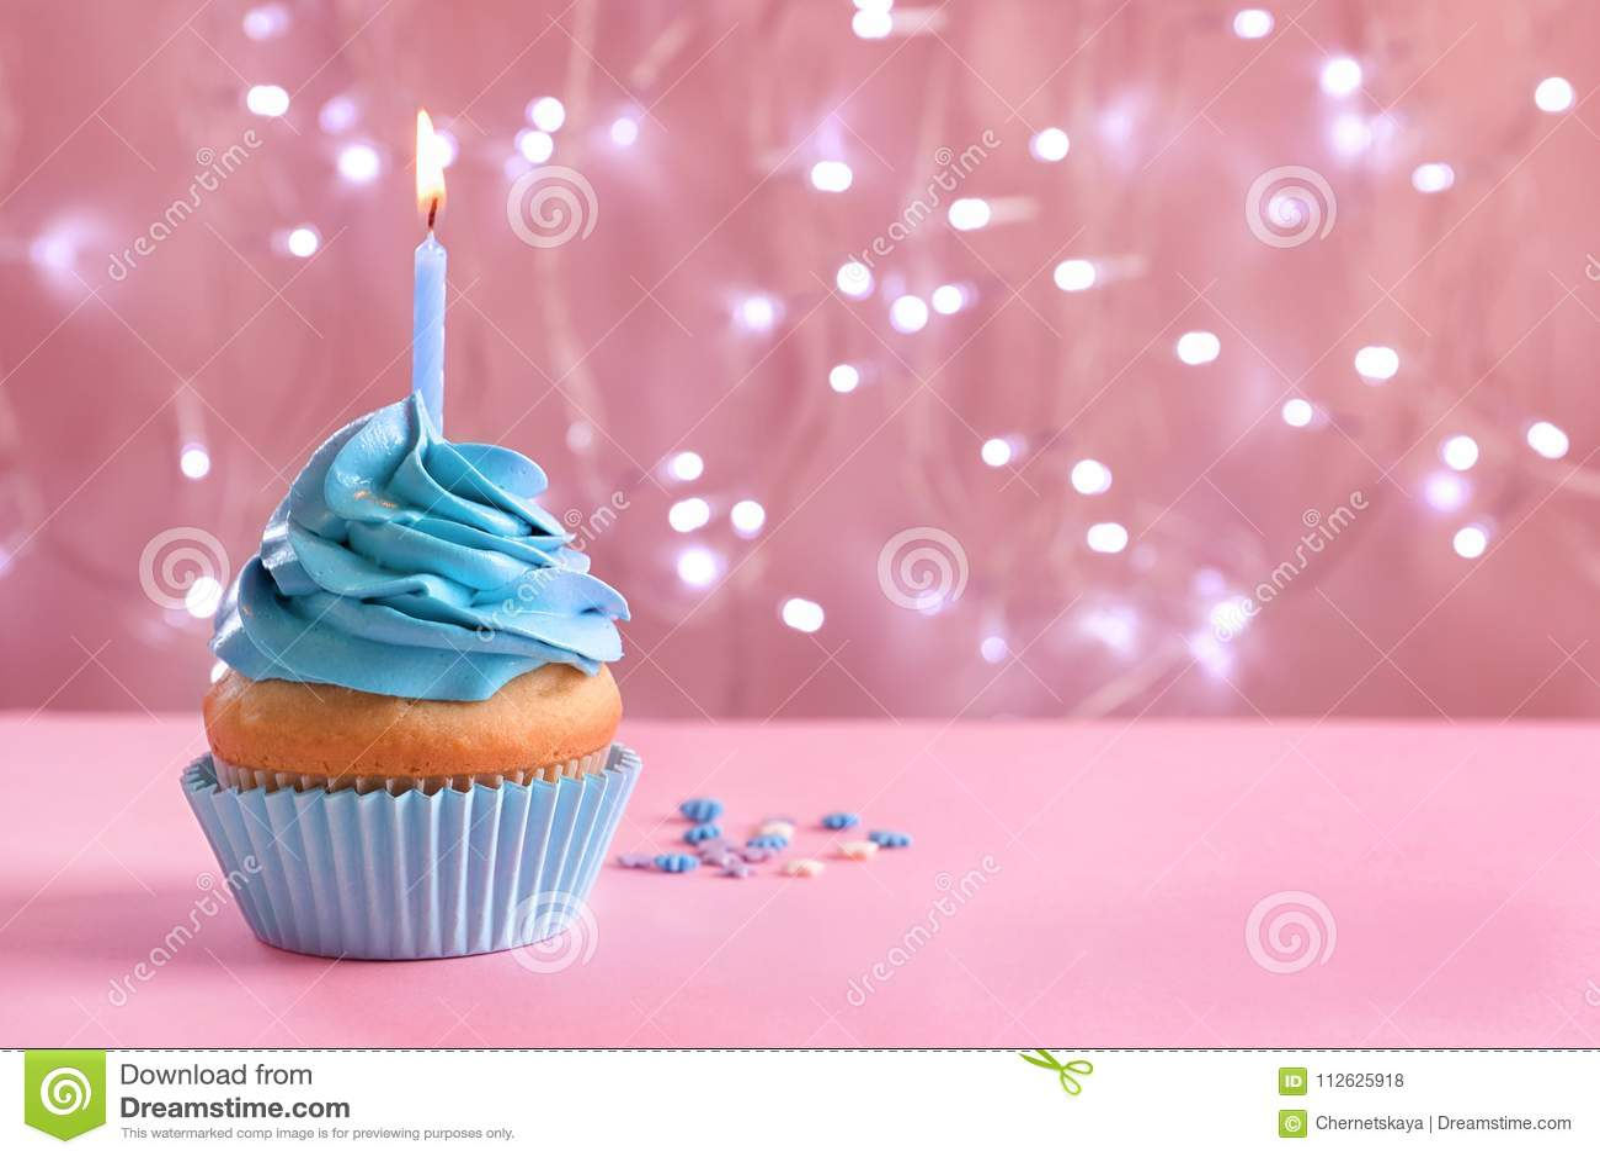 与灼烧的蜡烛的生日杯形蛋糕在桌上